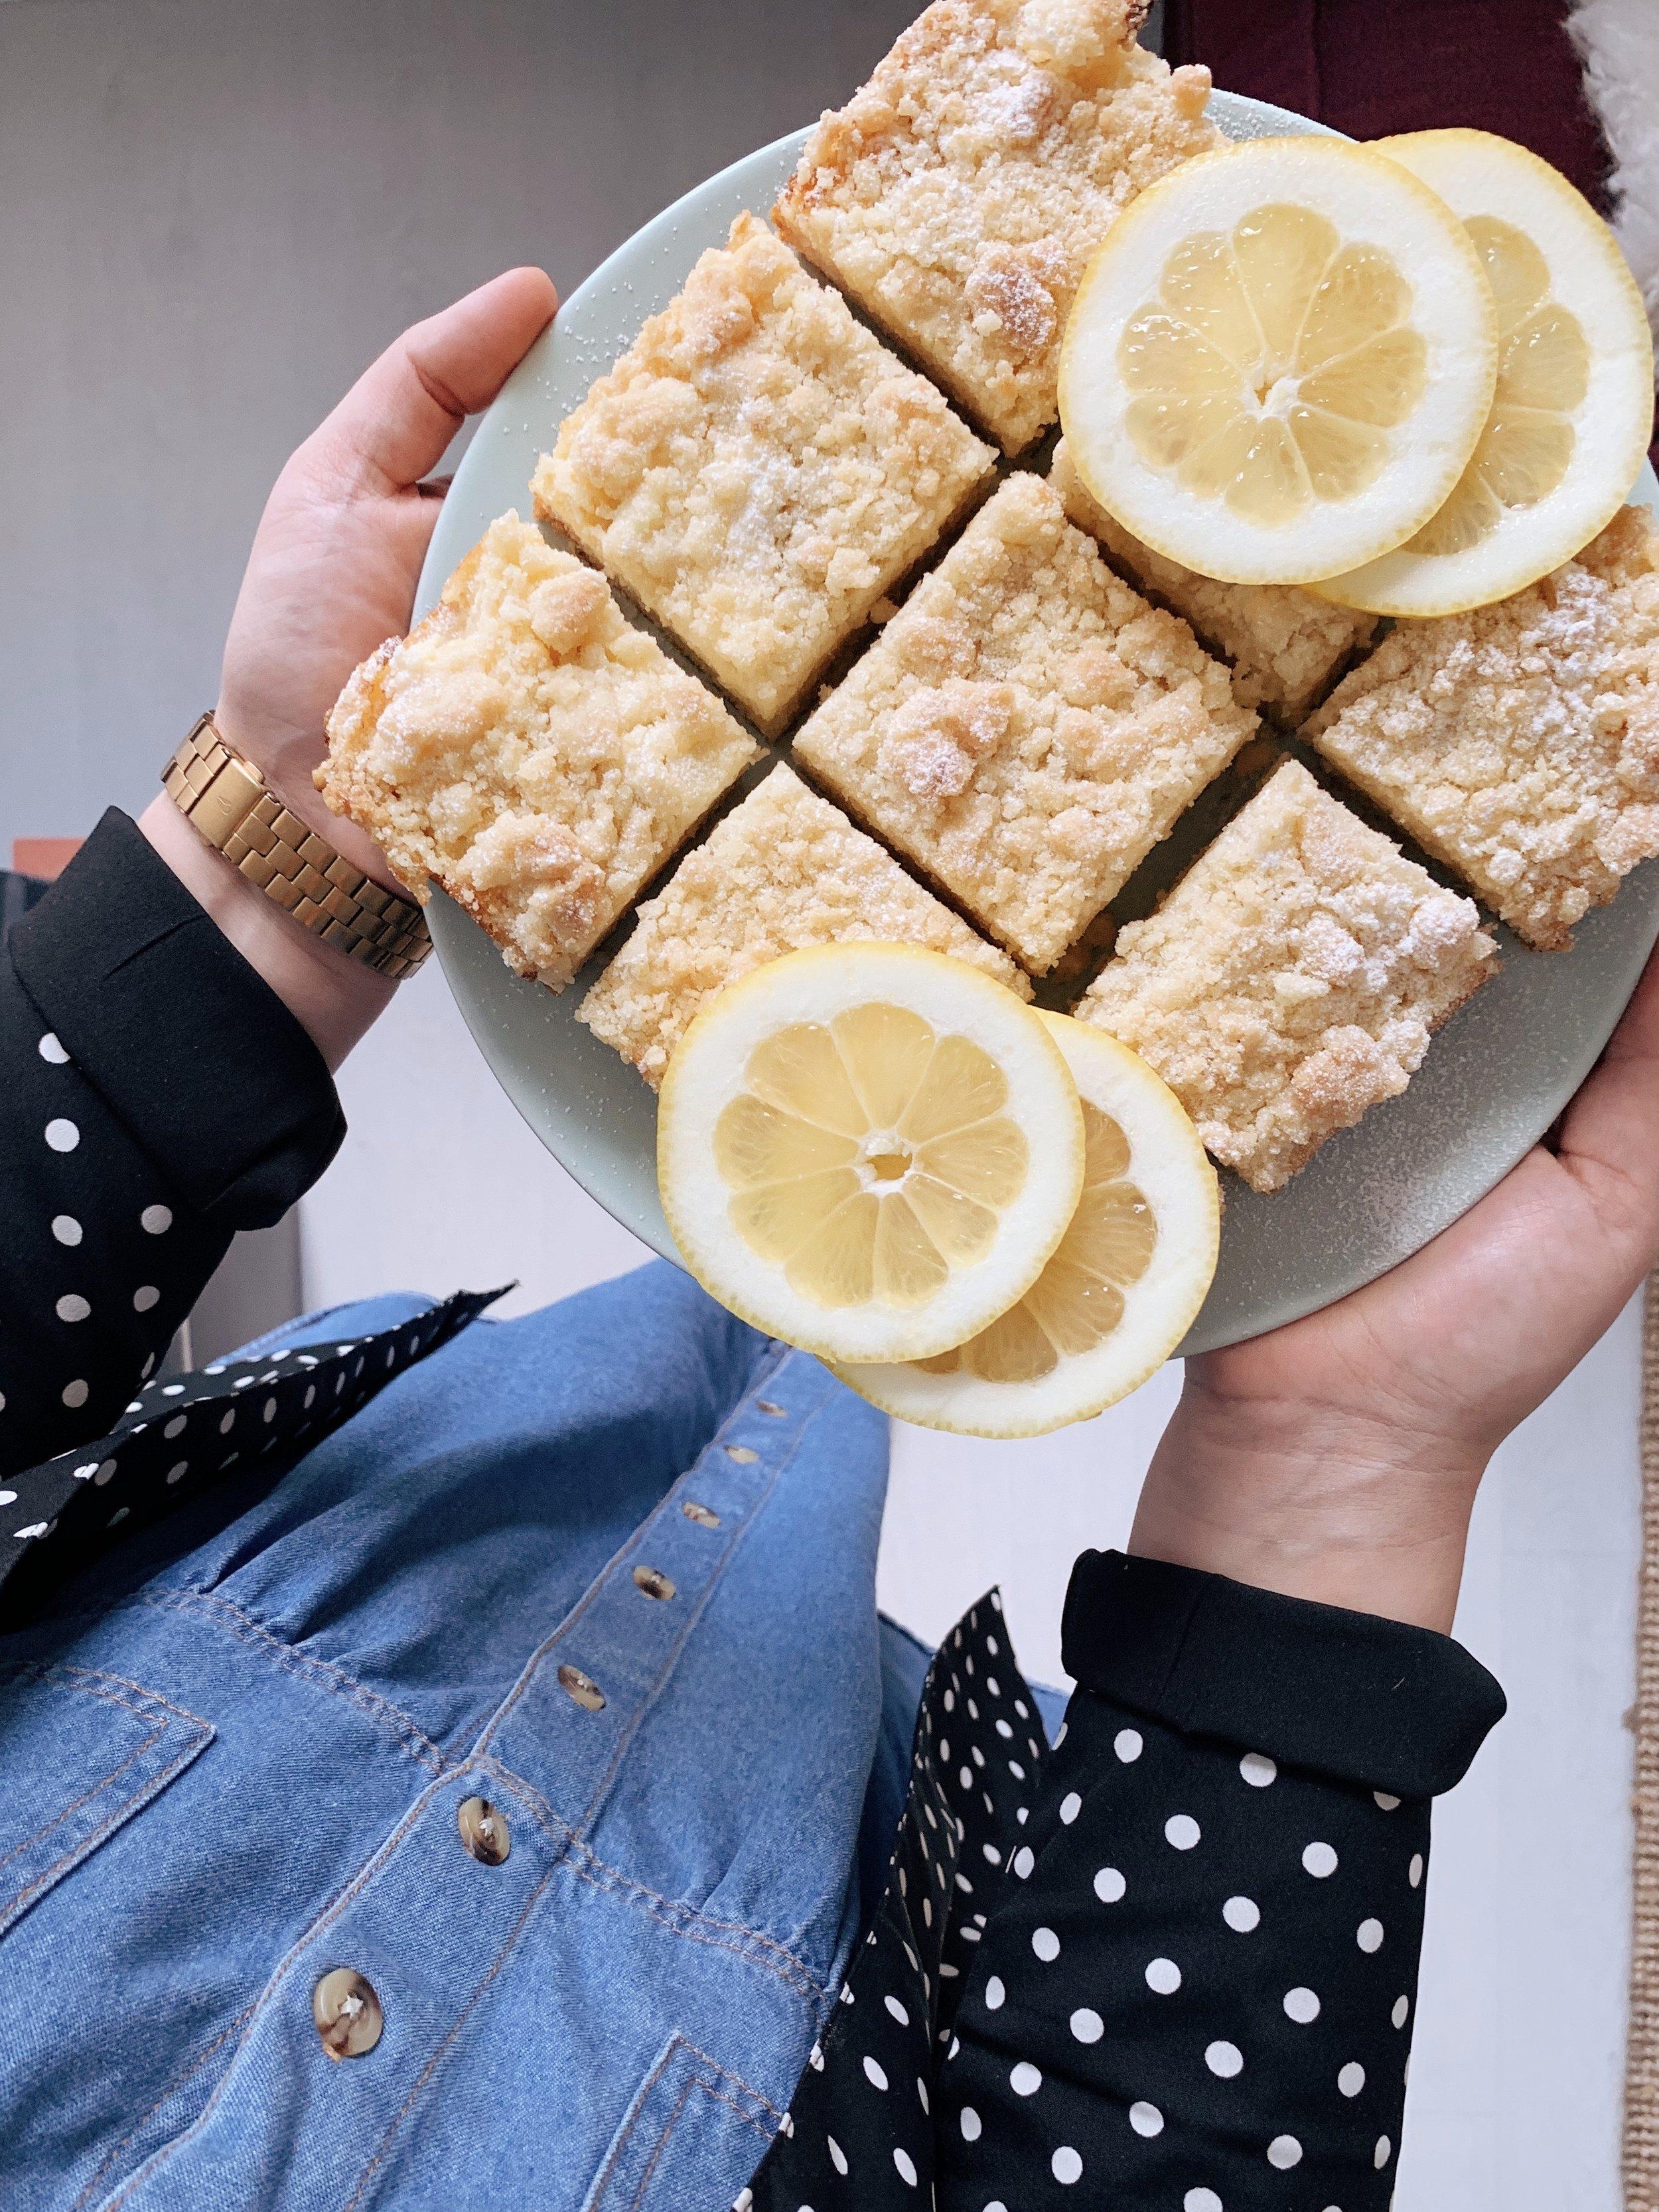 ātrā citronu kūka - vienu mazu citrona kūciņu nedēļas vidū? kāpēc ne? šī būs tāda mitra, ar drumstalu virspusi, riktīgu citronu sirdī un pagatavojama ašāk par ašu 🍋🍋🍋